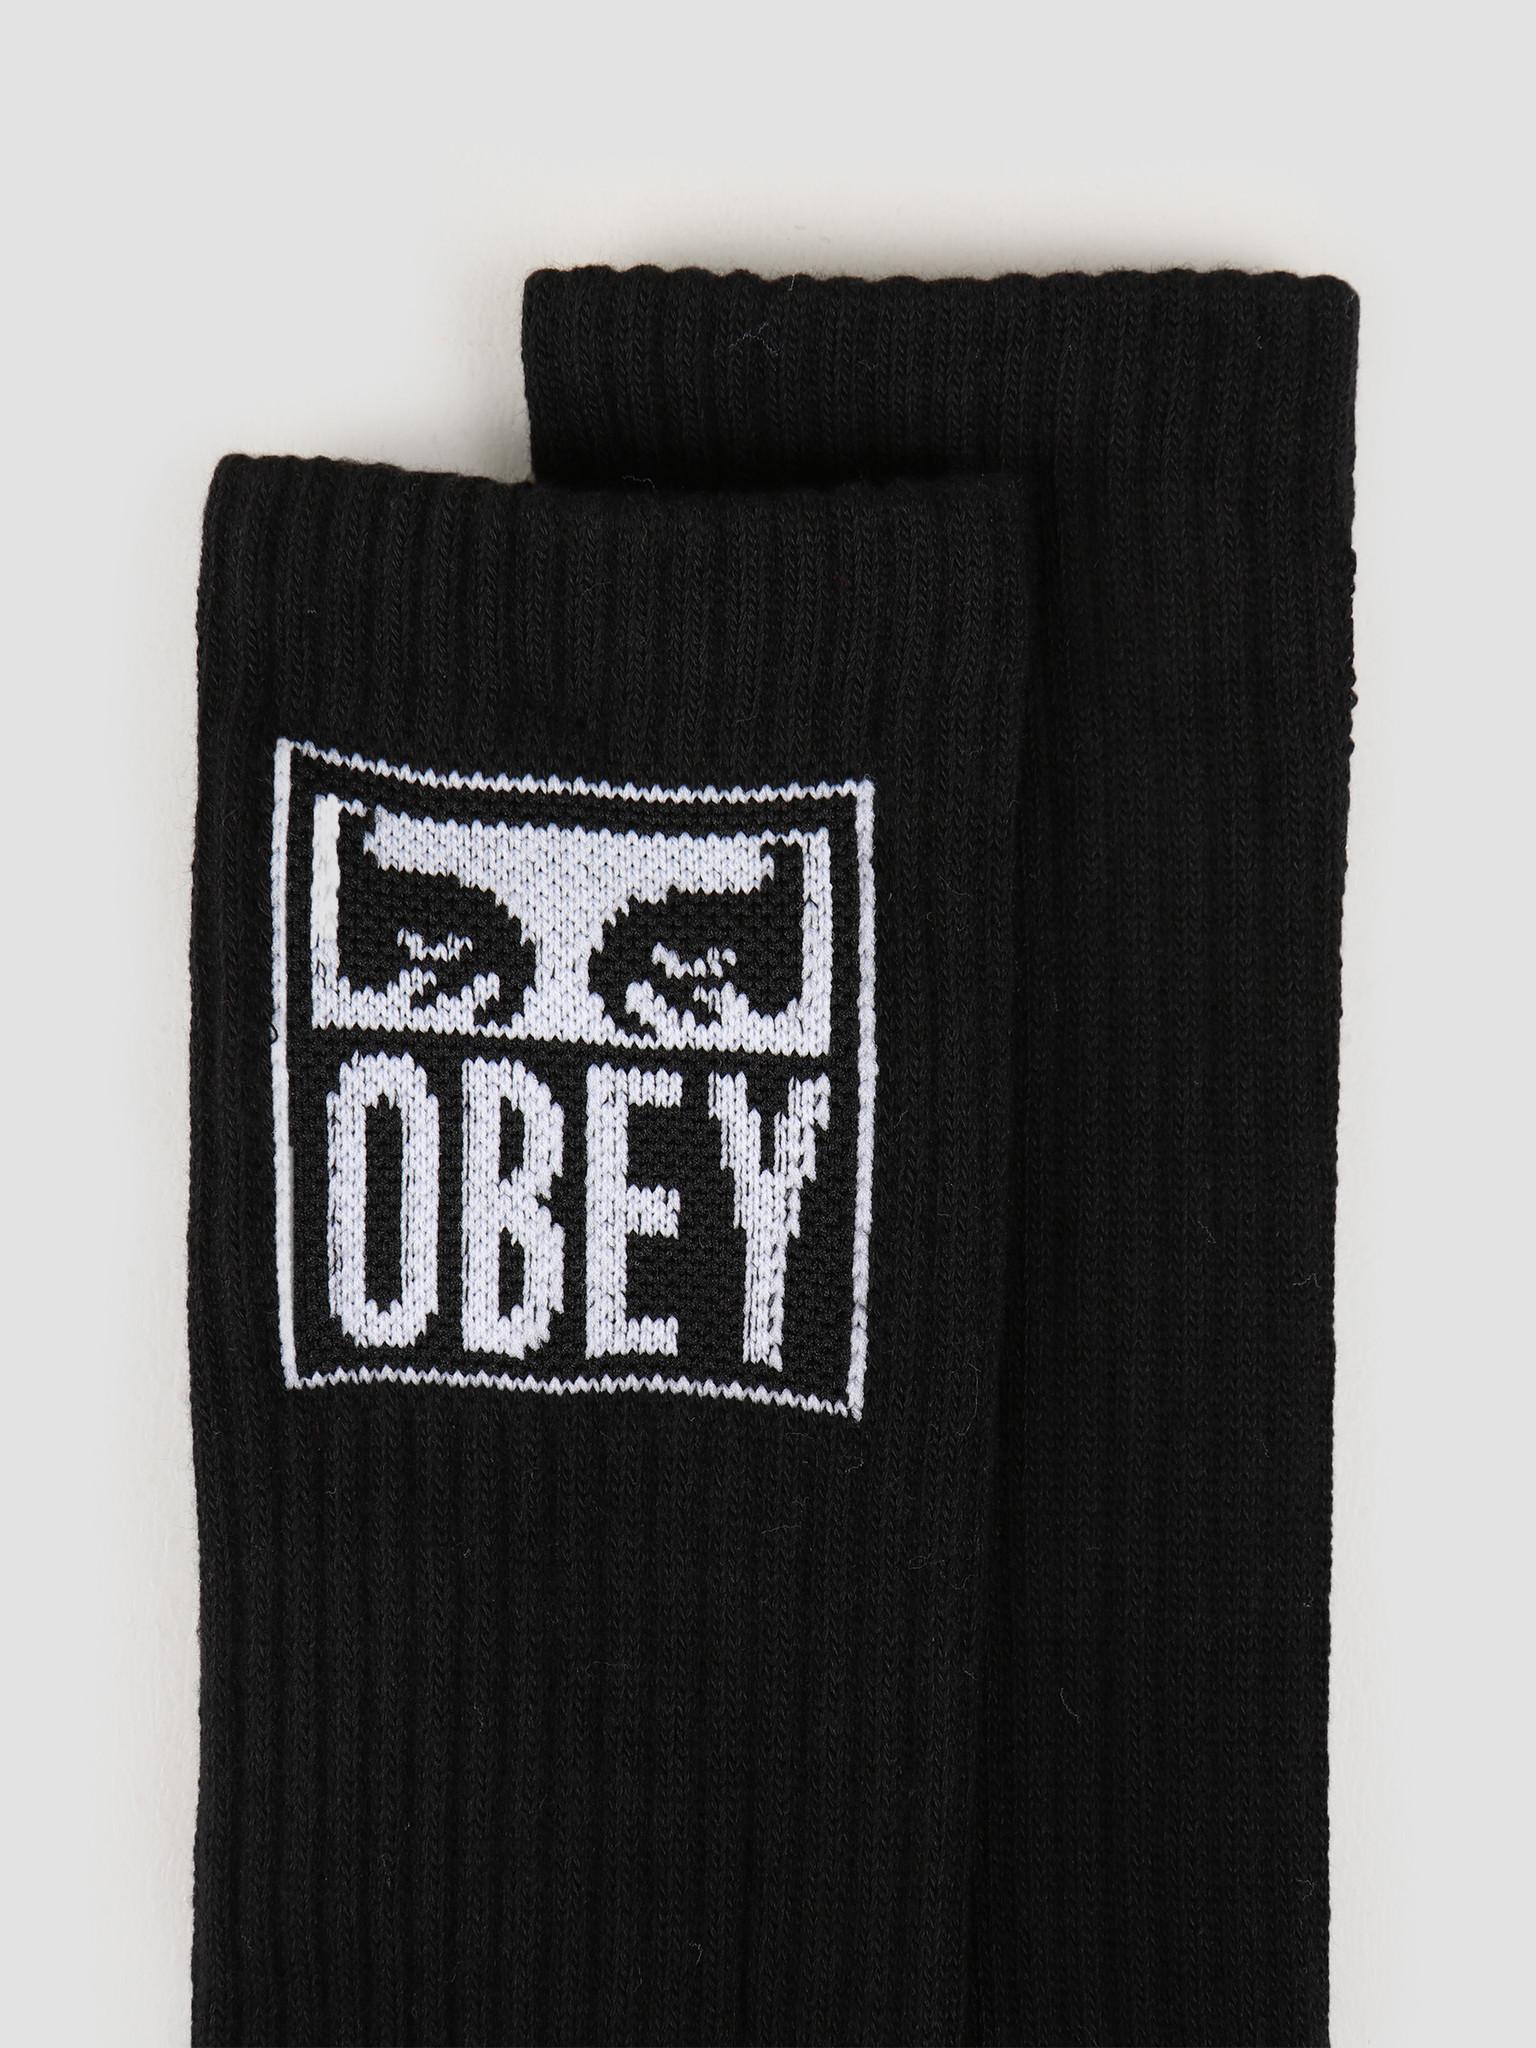 Obey Obey Obey eyes icon socks Black 100260141 BLK